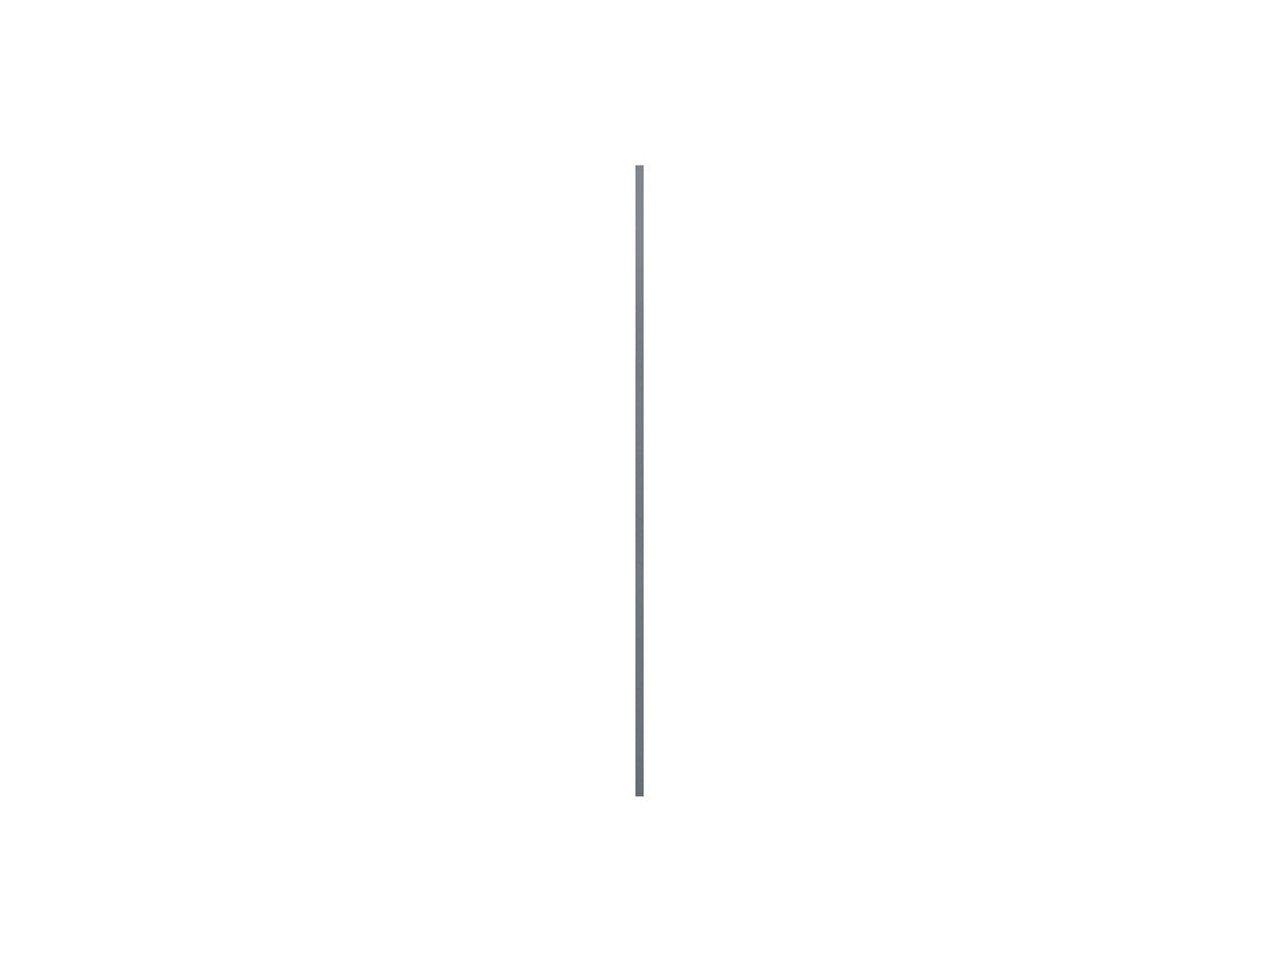 Tralka Prosta Ozdobna 07.019 900 x 230